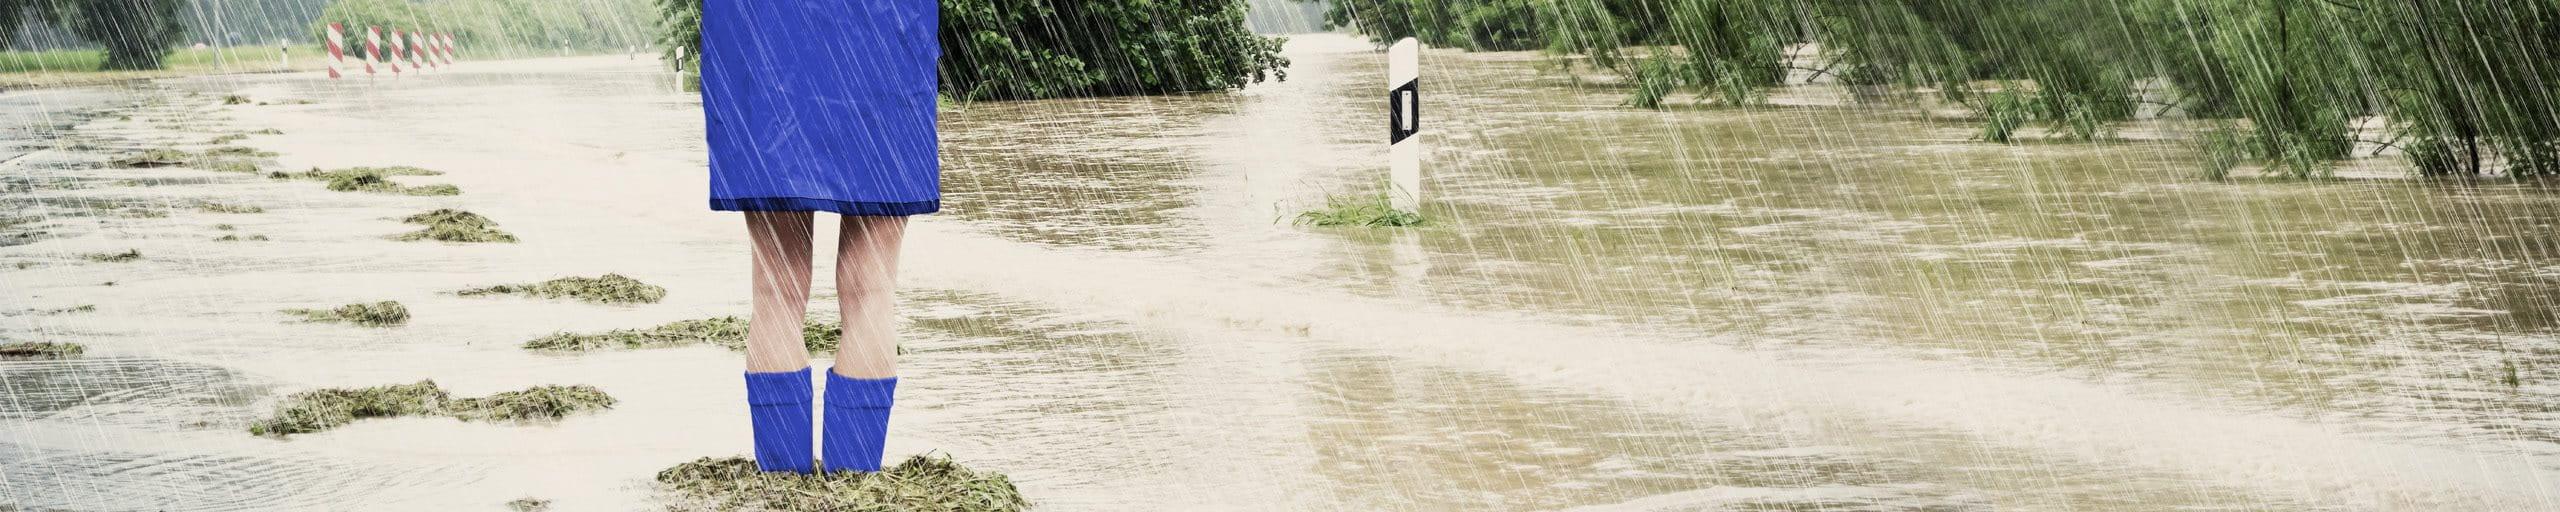 Frau steht mit Regenjacke und Gummistiefel im Hochwasser